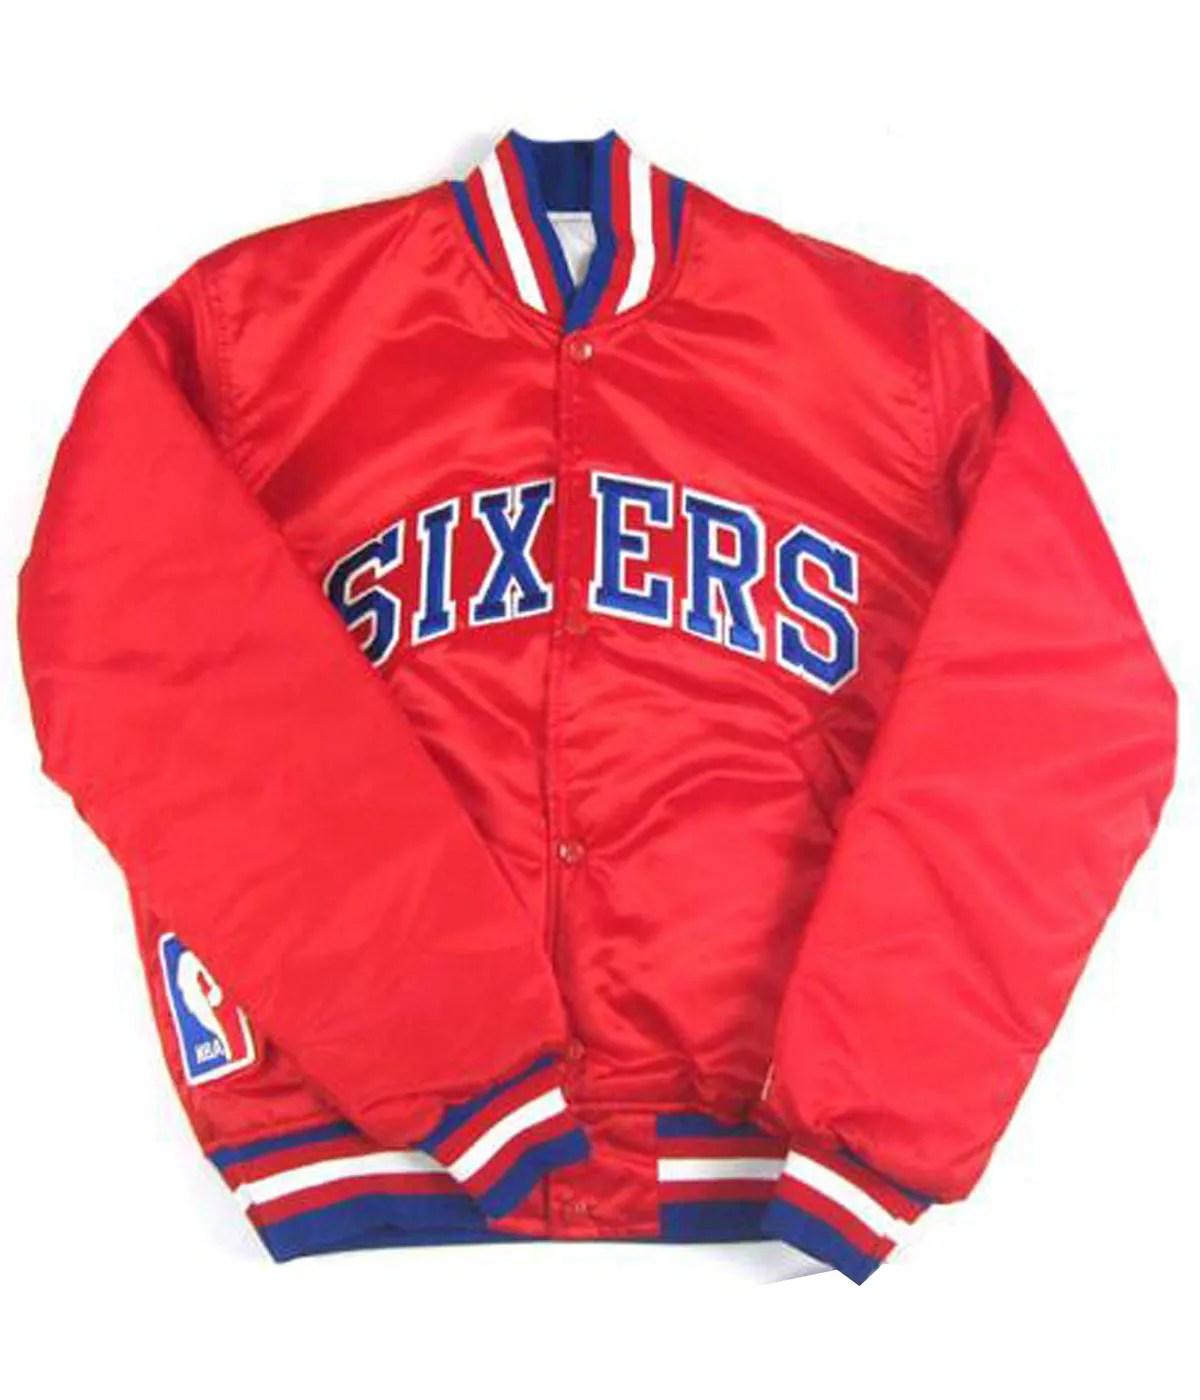 76ers-starter-philadelphia-sixers-jacket